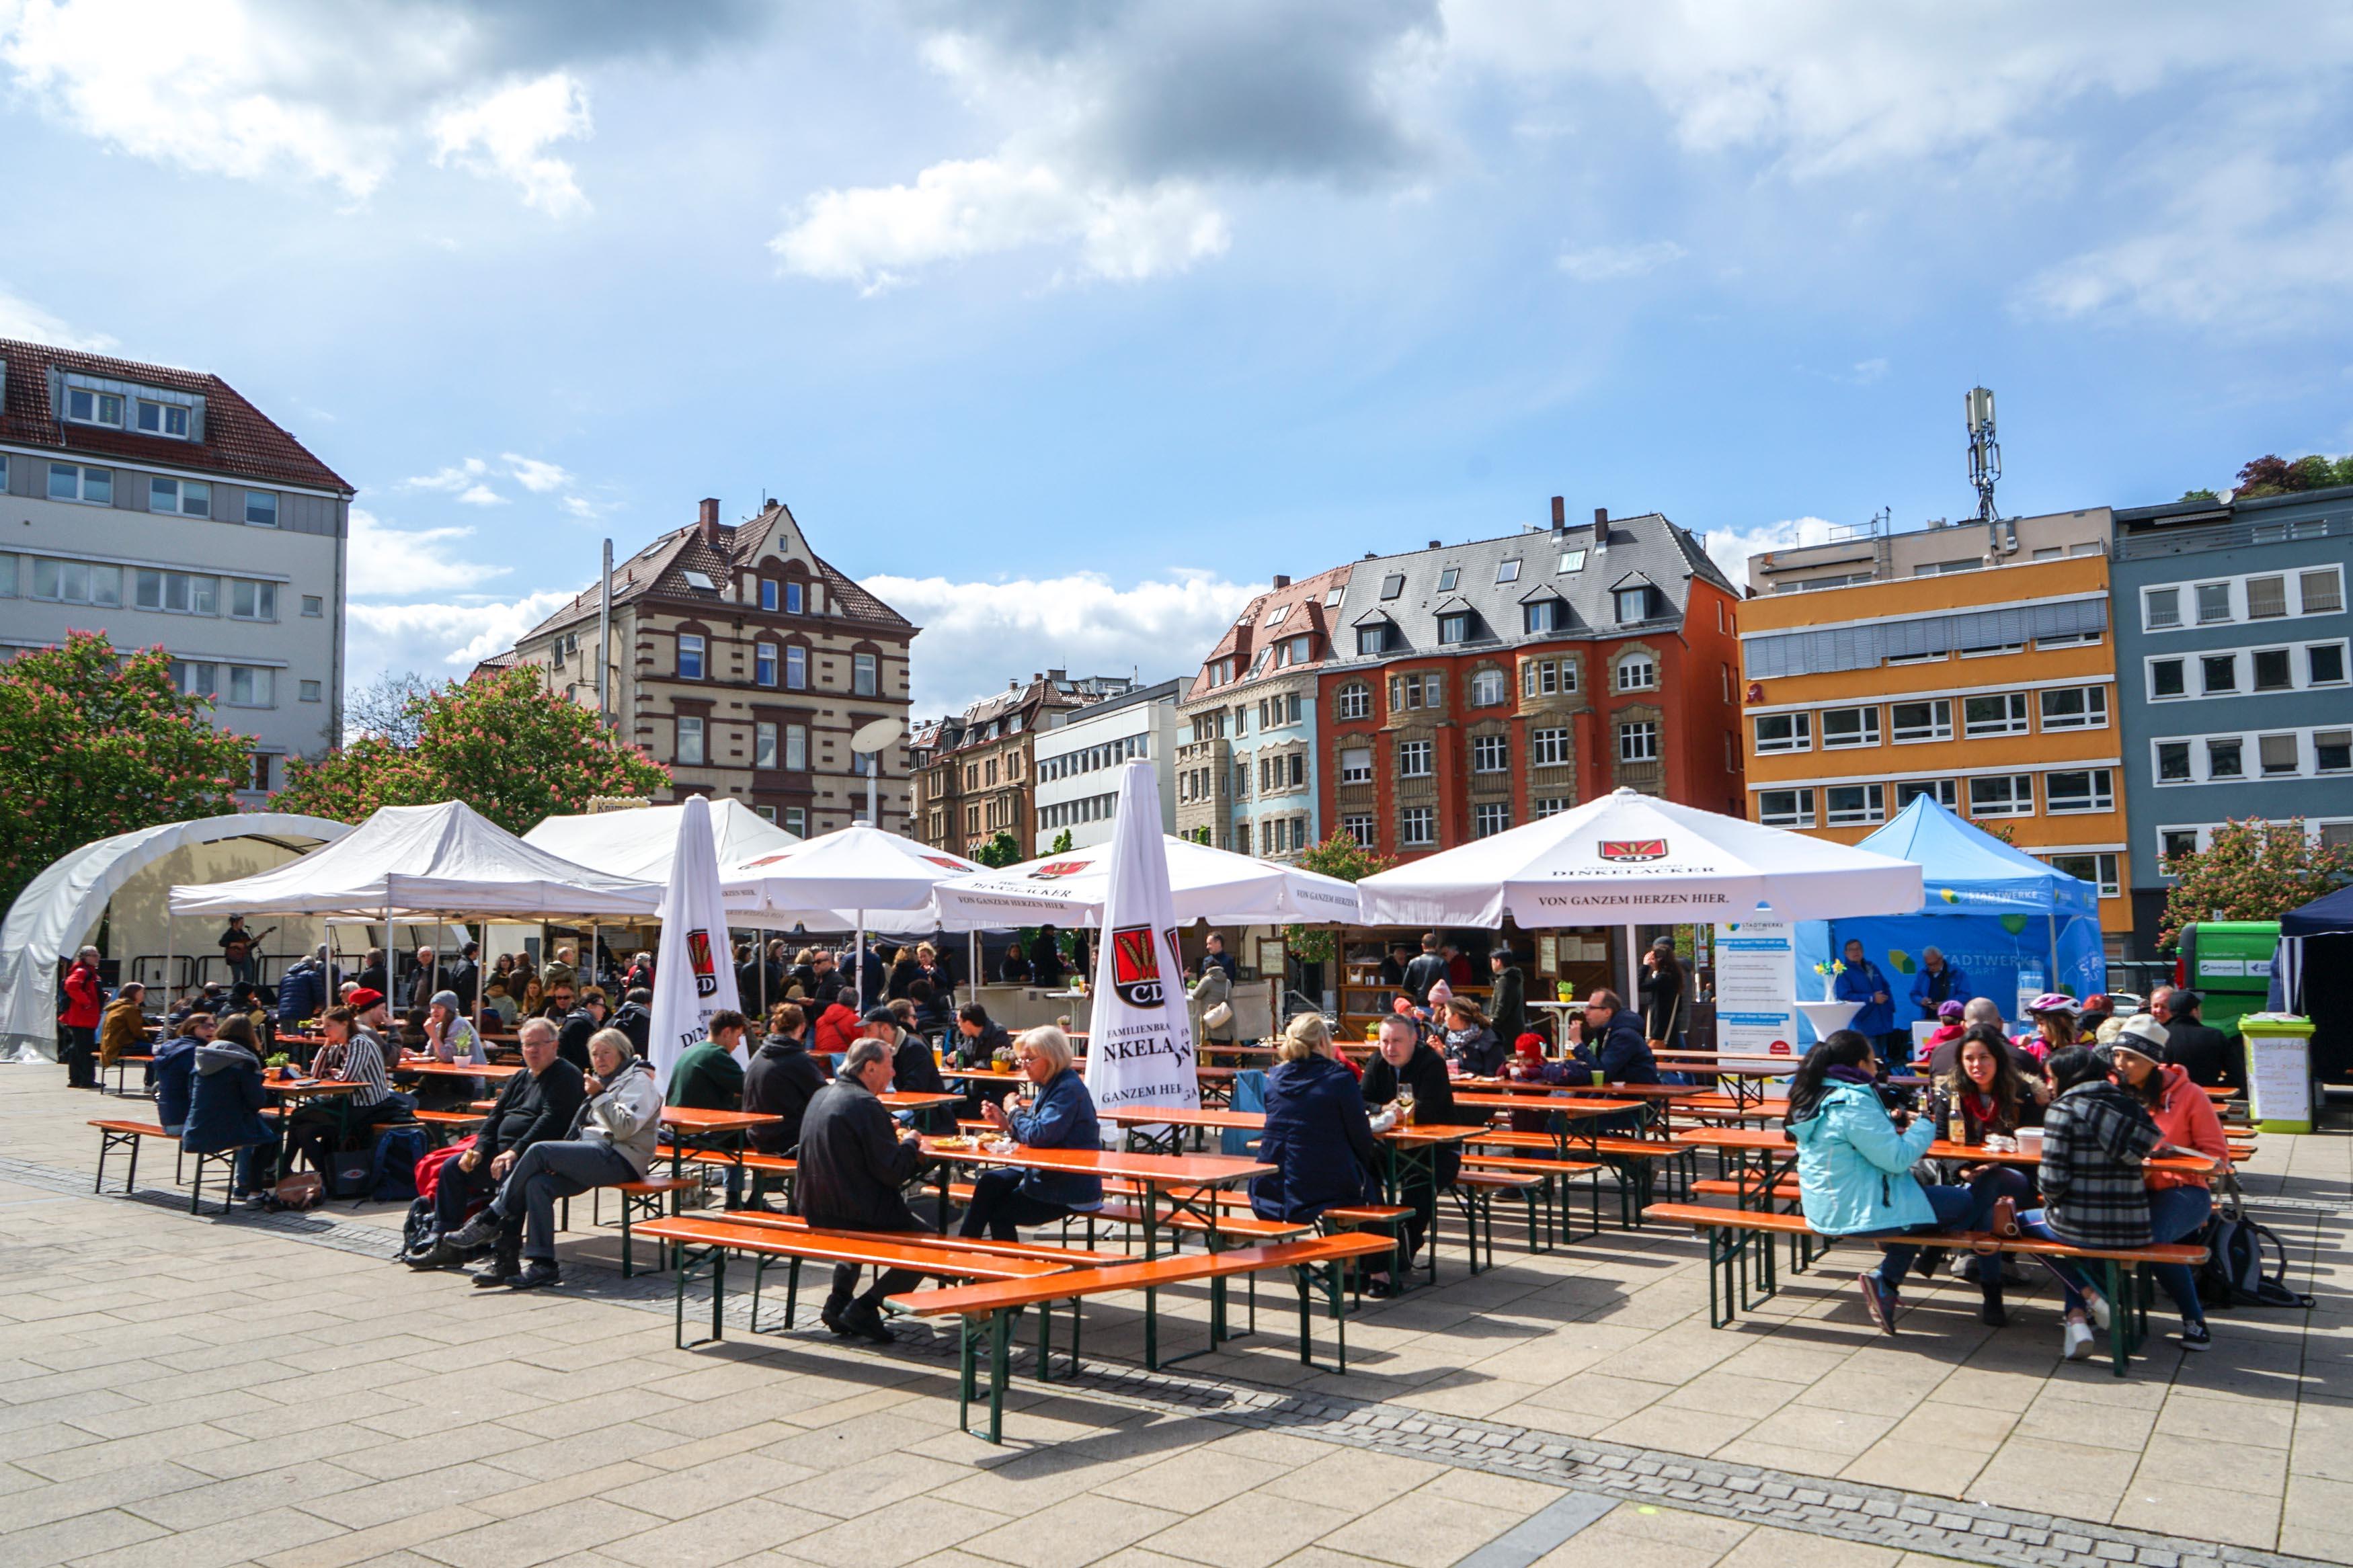 Blick über den Platz mit Gästen an Bierbänken